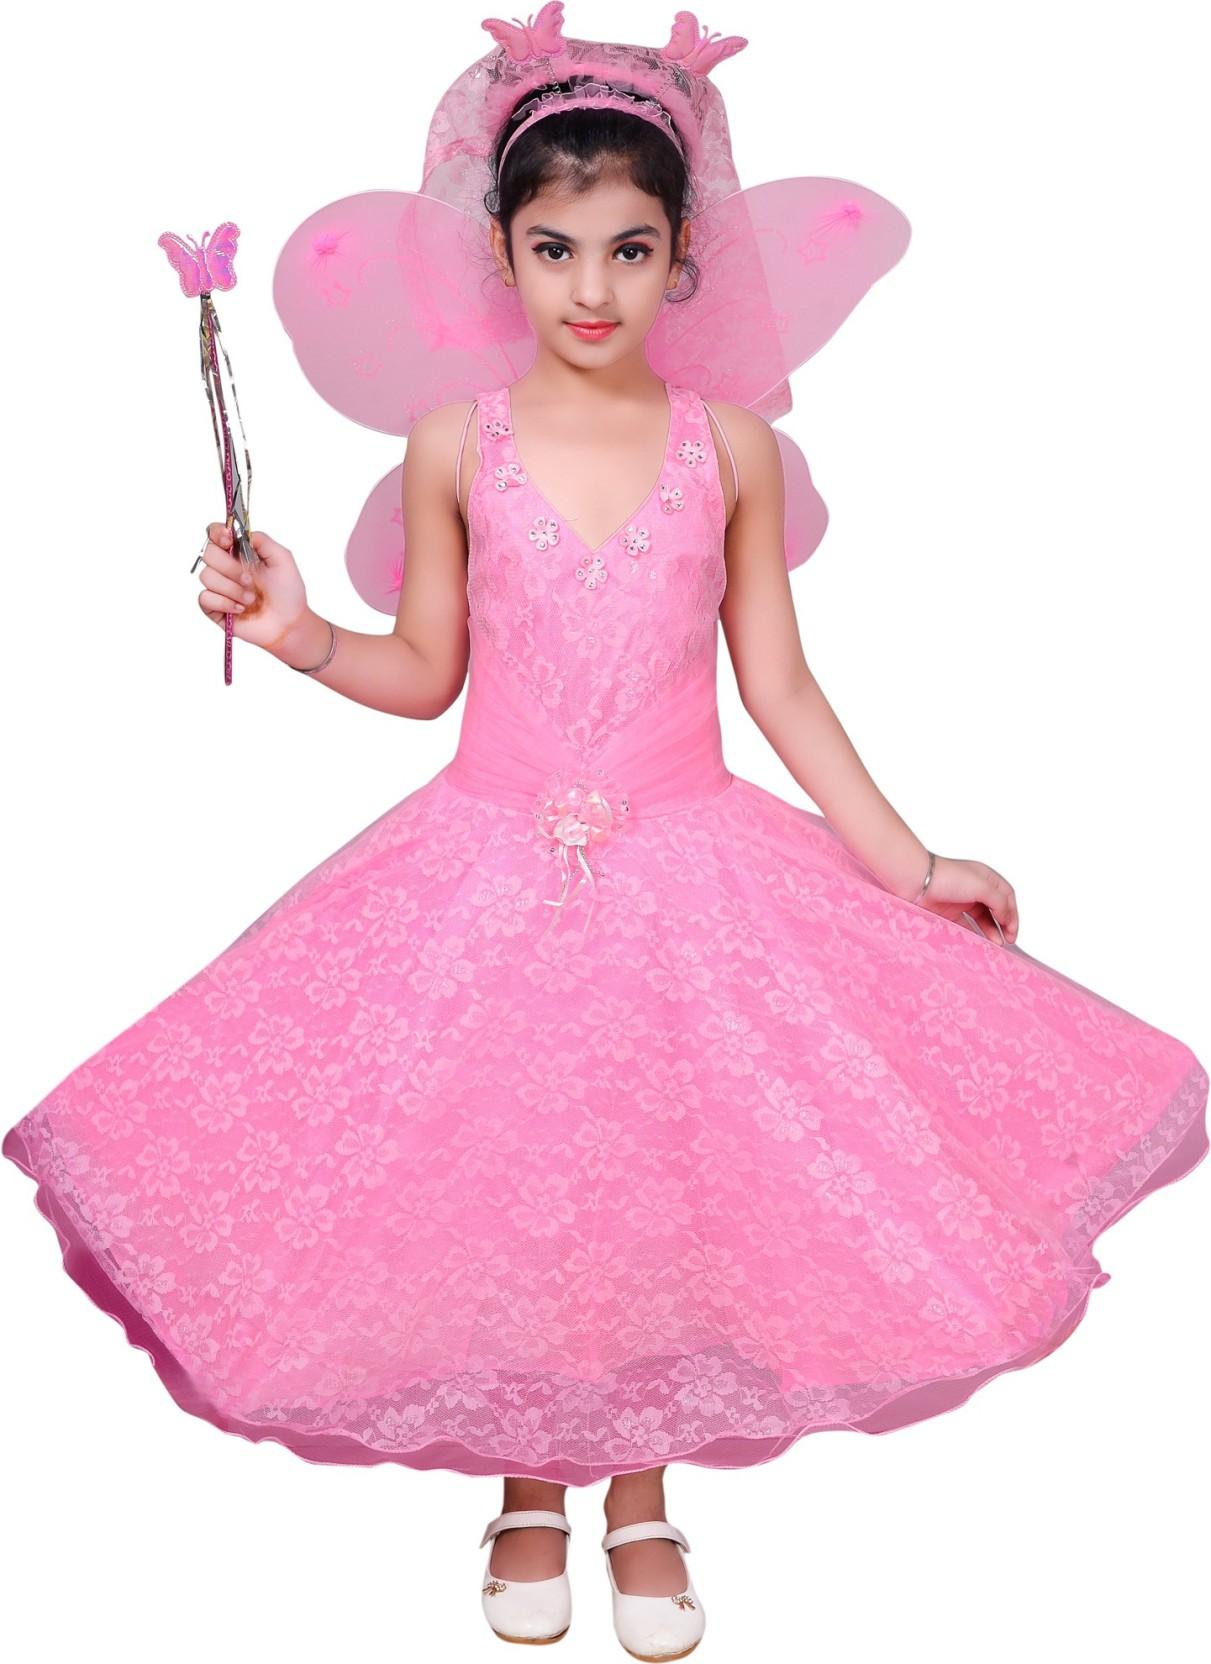 91c84025d6 Flipkart Online Shopping Dresses Childrens | Saddha